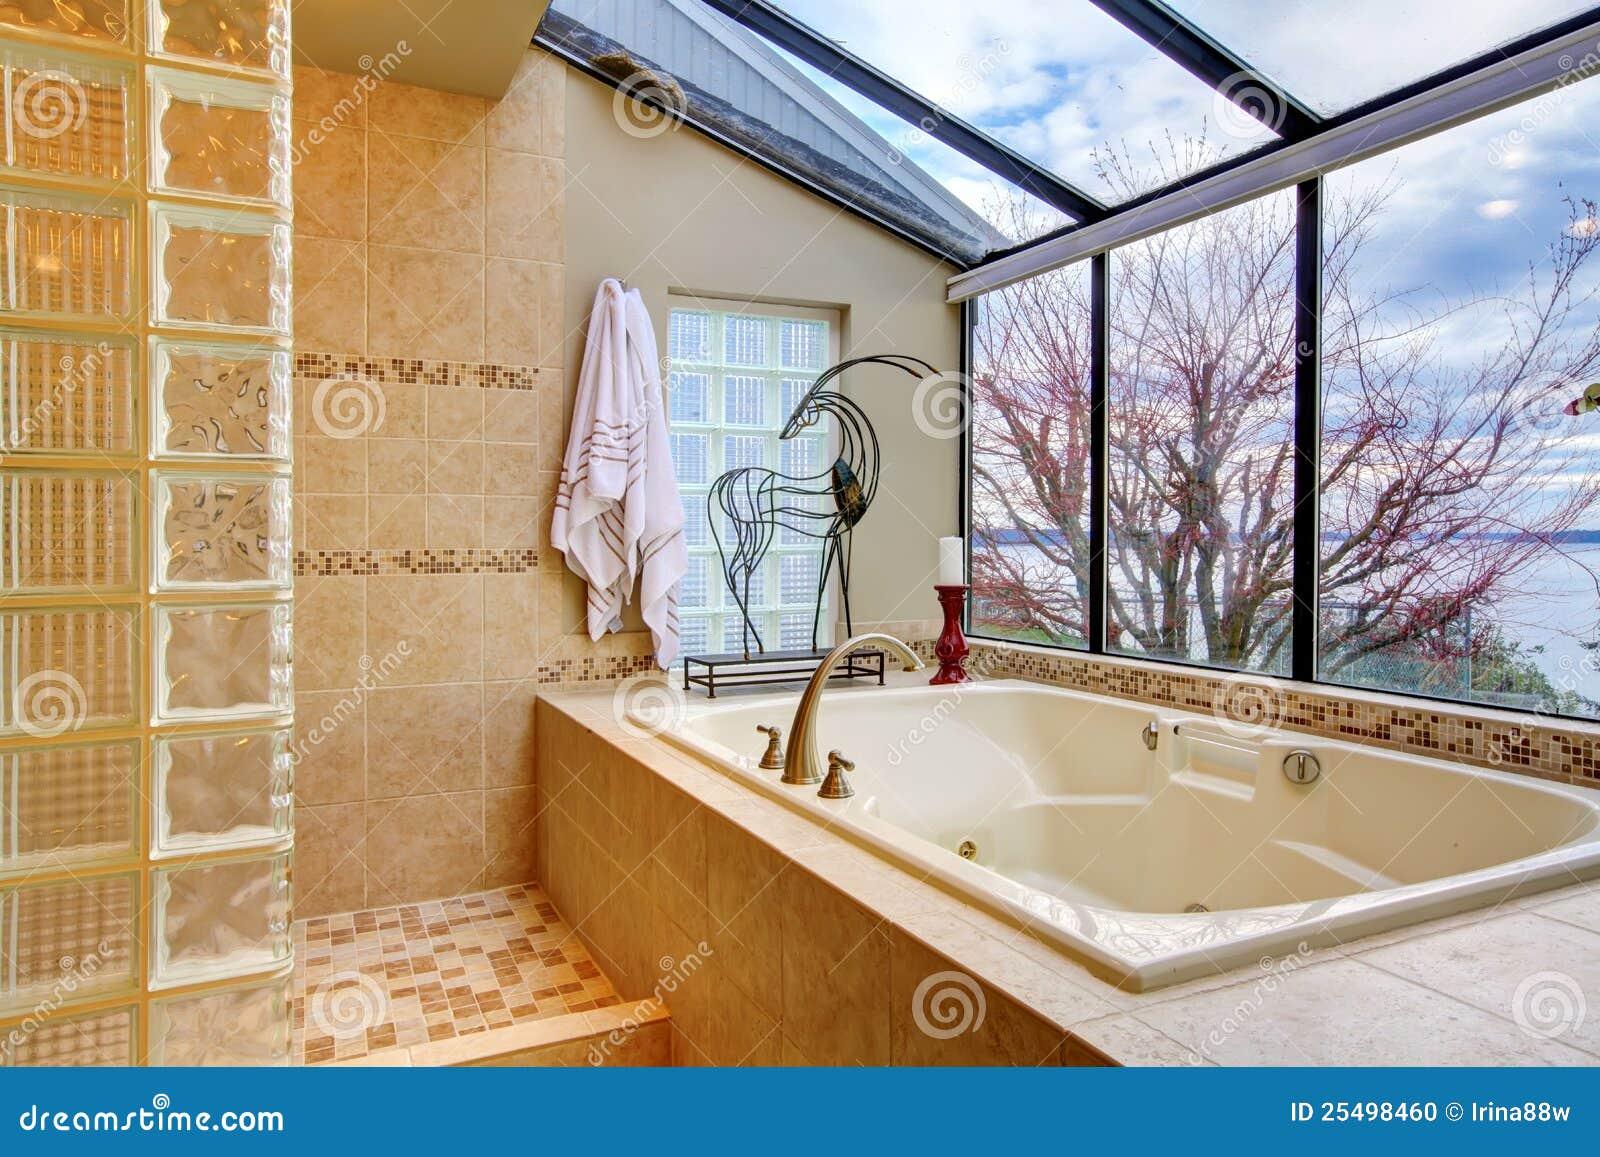 Tinas De Baño Grandes:Foto de archivo: Tina de baño grande con la pared de la ventana con